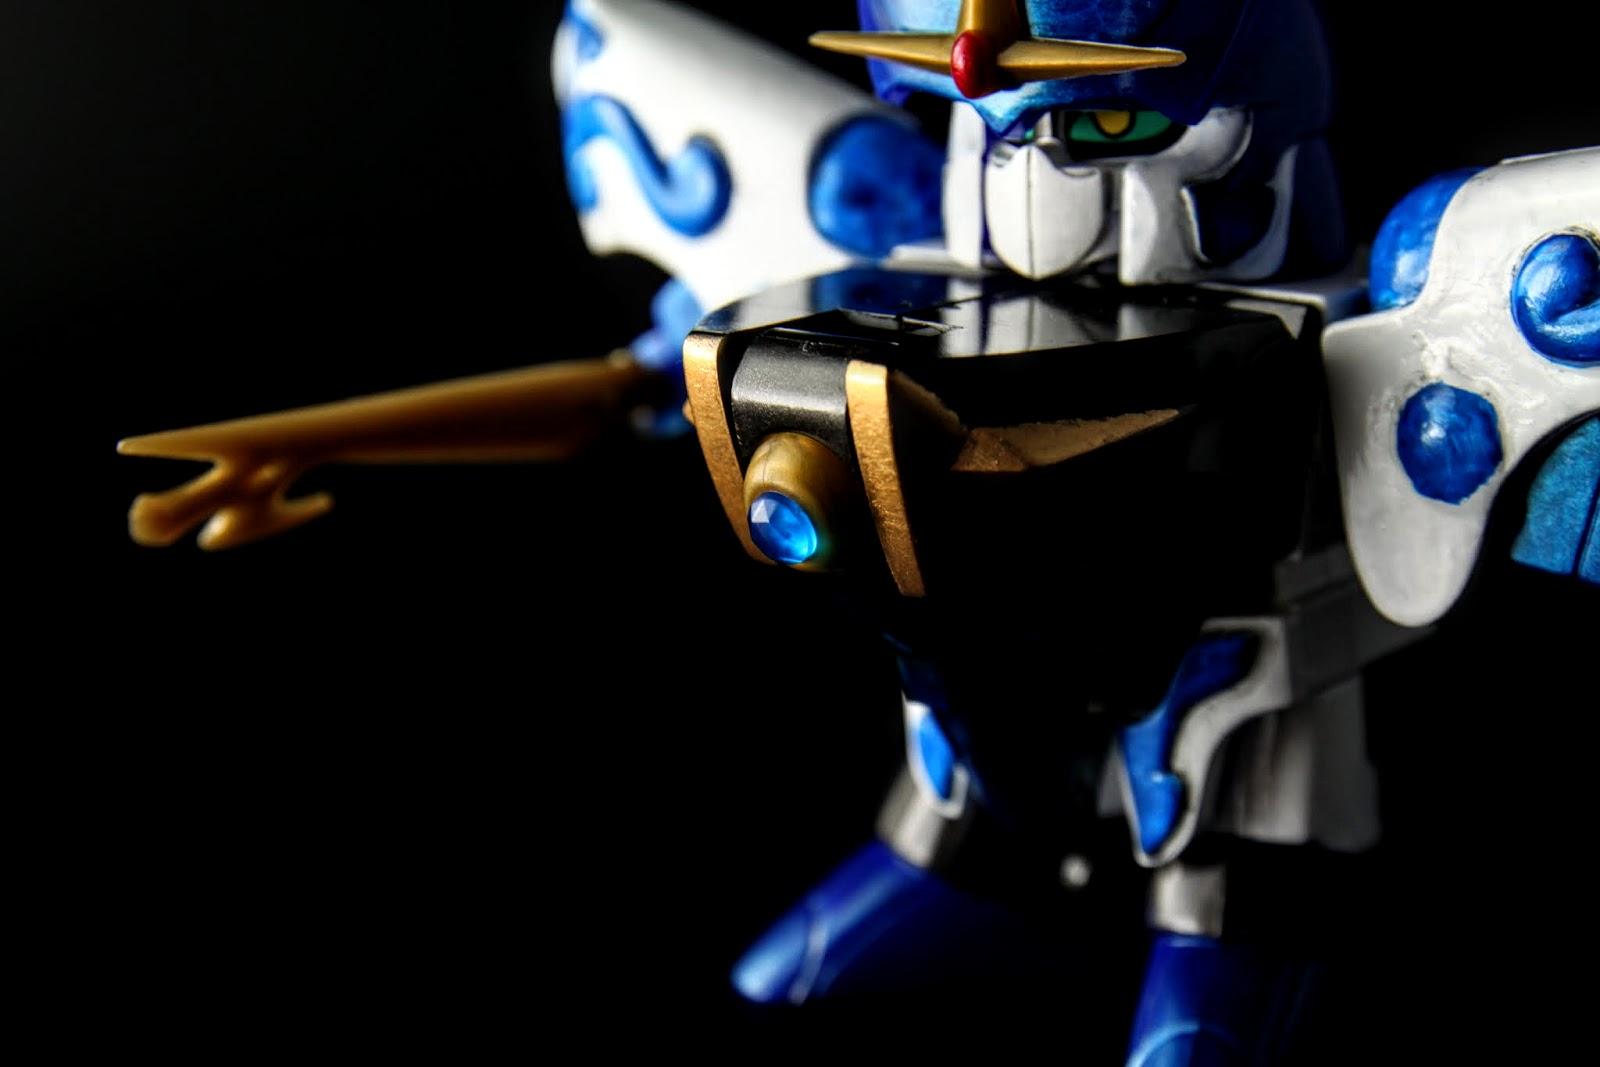 兩腳的胸部都有武器可以變形